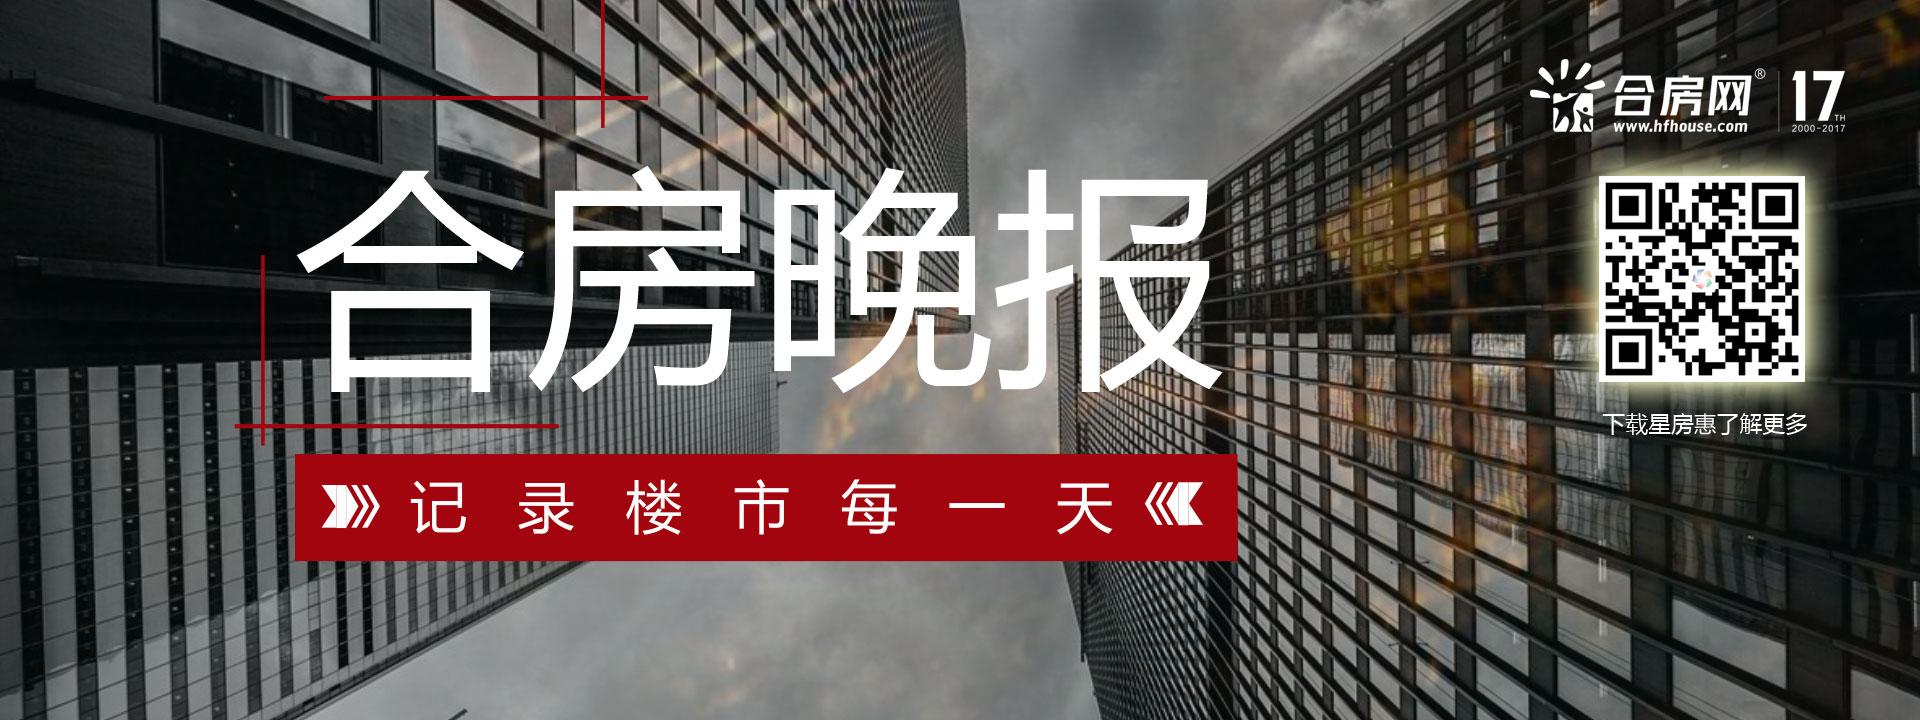 【3月26日合房网晚新闻】云谷交房方式我喜欢 1.35万每平的高层该怎么买 ?新华九龙首府洋房均价13937元/㎡